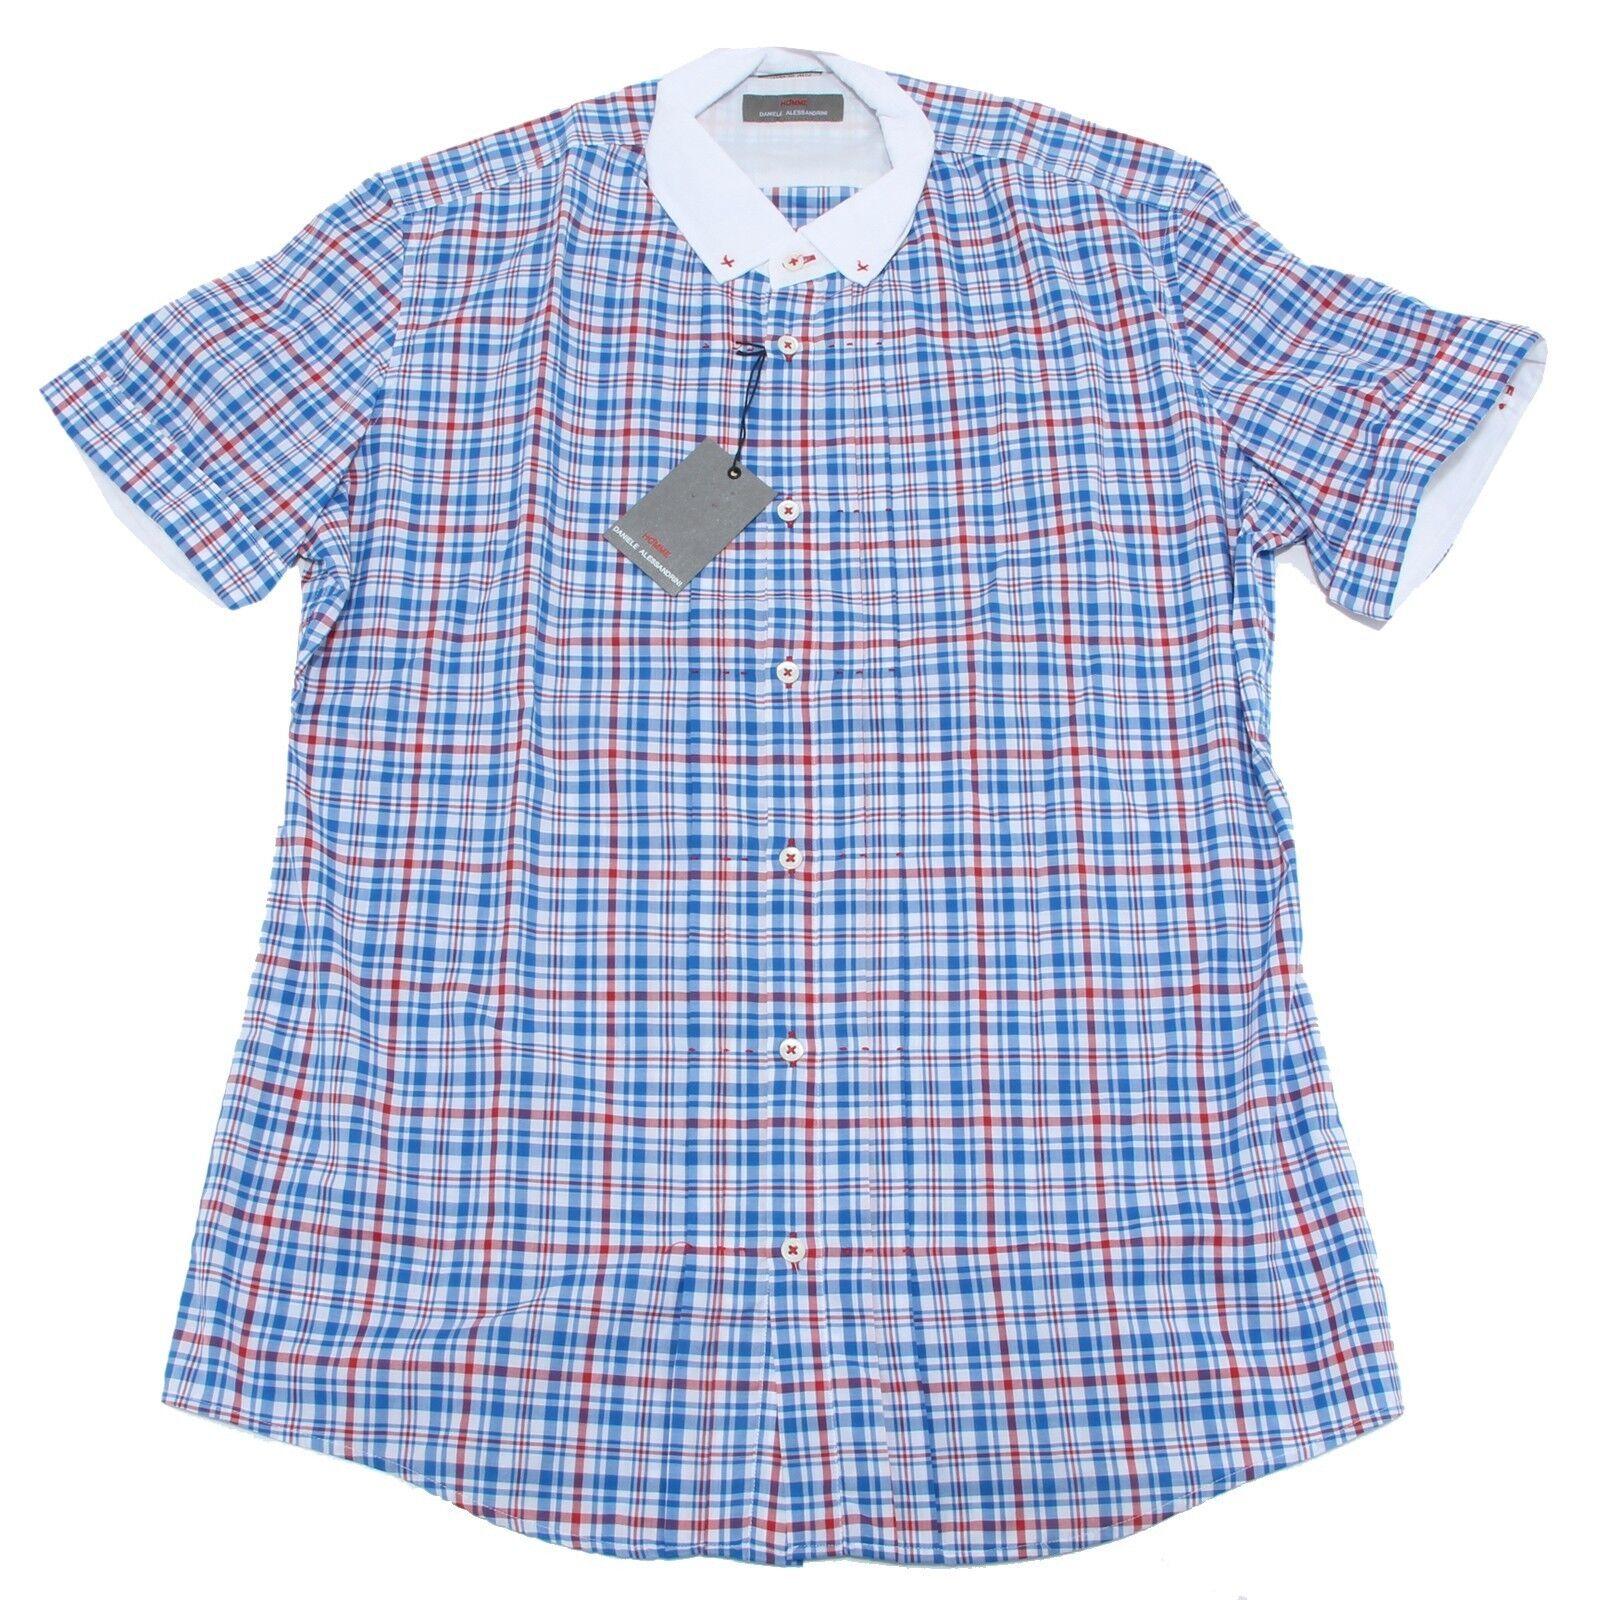 8115 camicia camicia camicia manica corta DANIELE ALESSANDRINI HOMME uomo shirt men f0d660